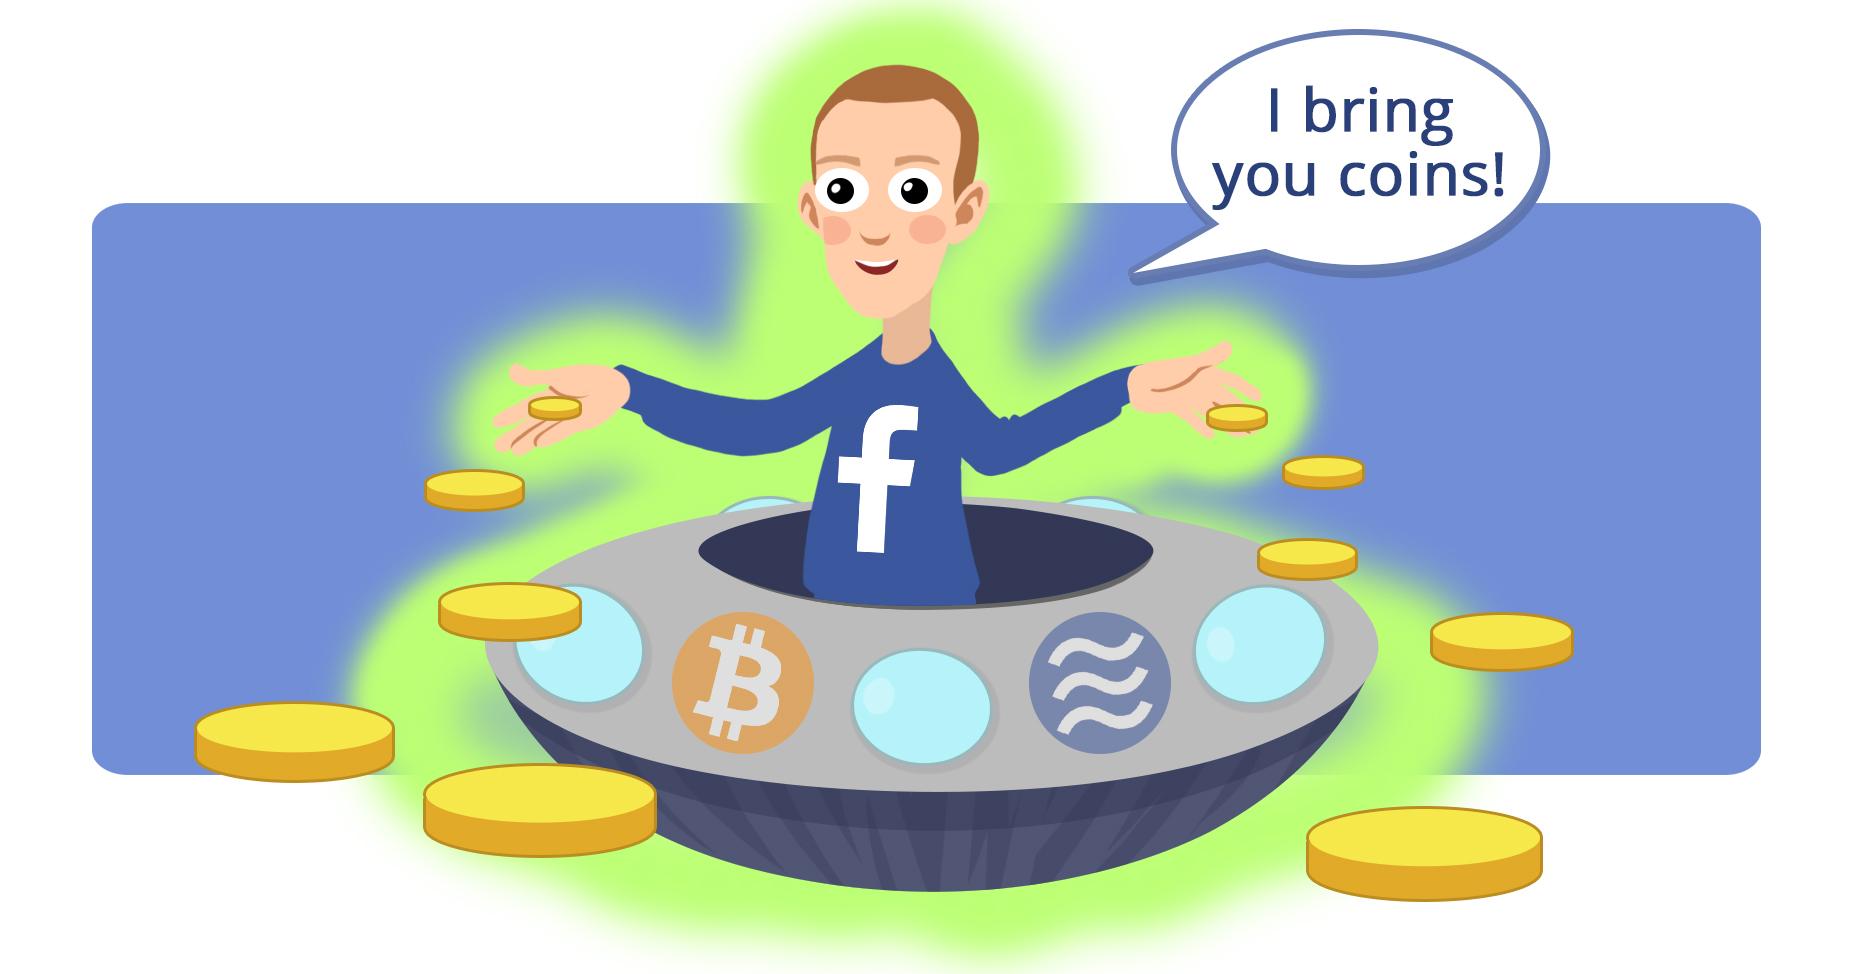 ¿Qué opinan los expertos en Blockchain sobre la criptomoneda de Facebook? ¡Descúbrelo!